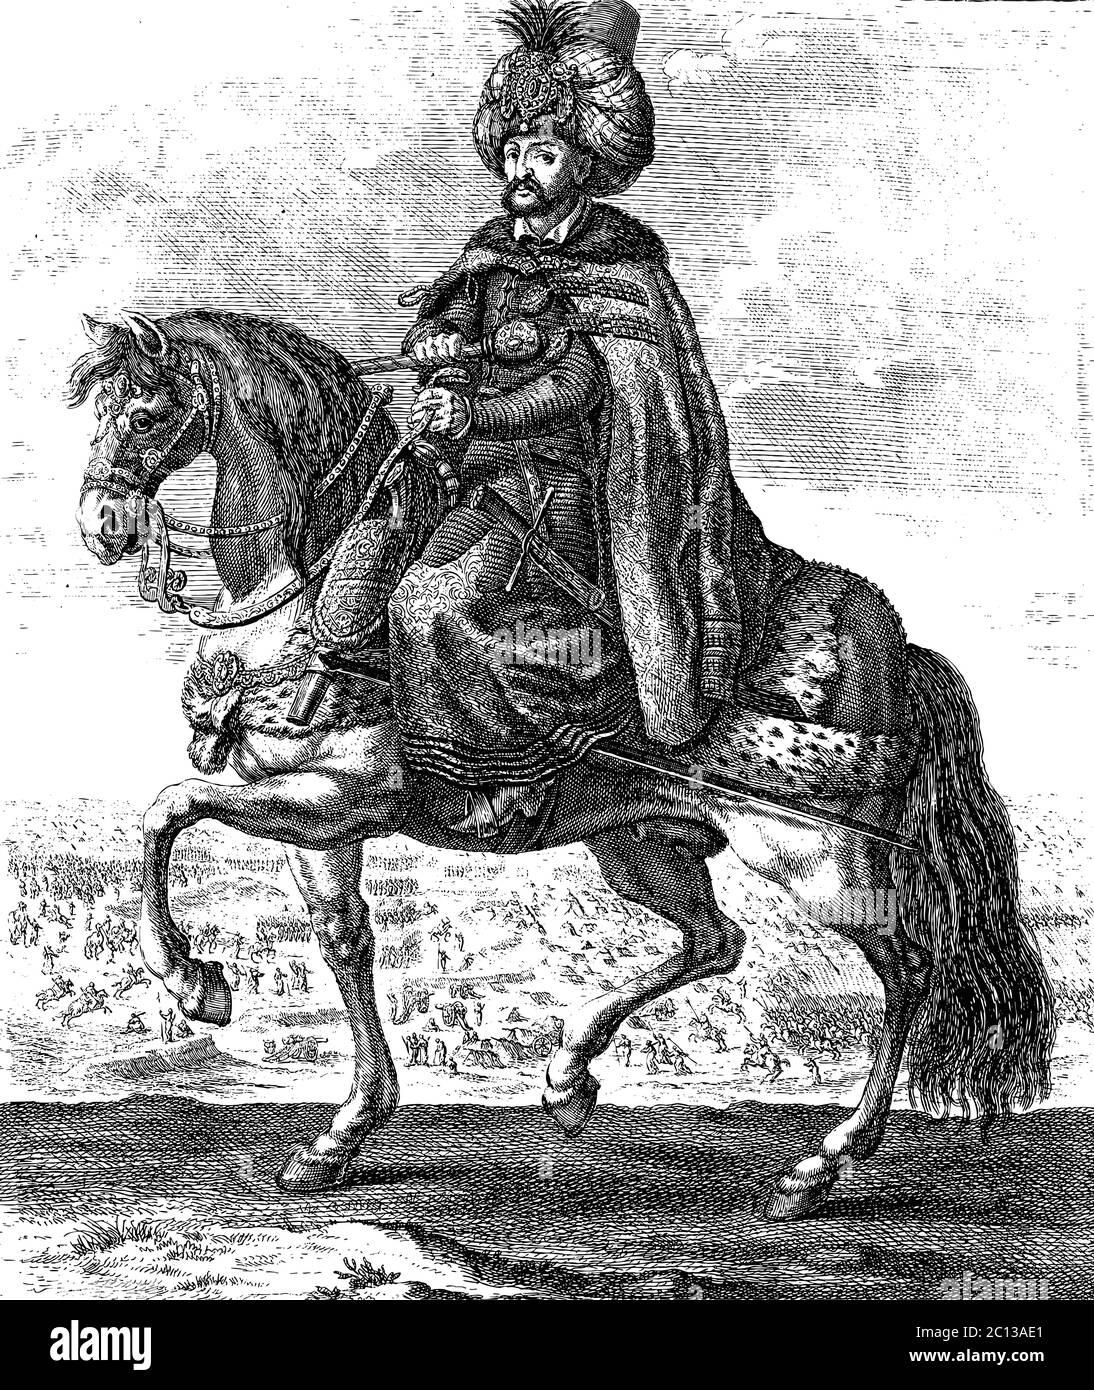 Ottoman Sultan riding a horse, vintage engraving vector illustration Stock Vector